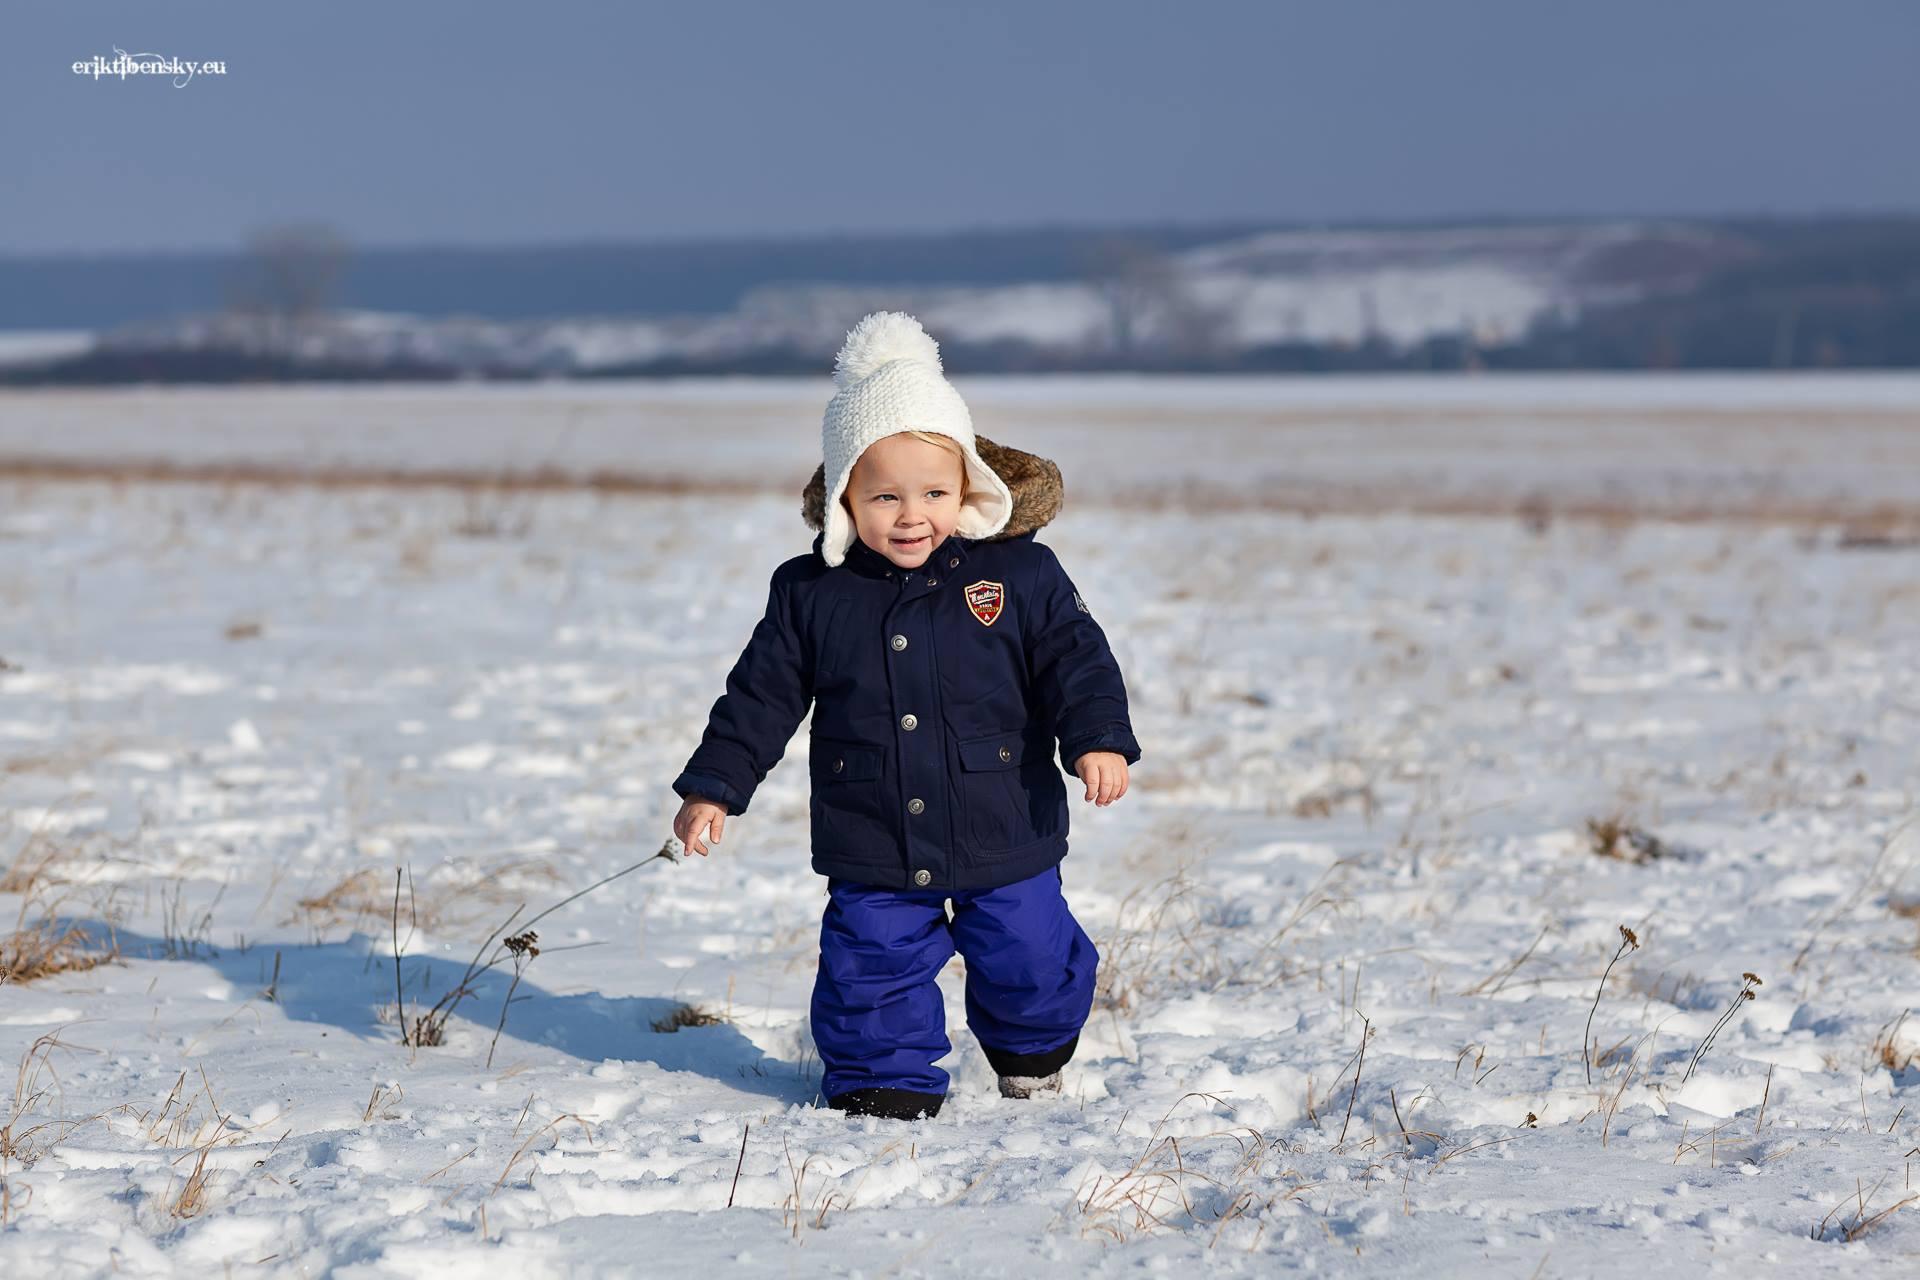 eriktibensky.eu-fotograf-deti-children-winter-zima-photography-1007